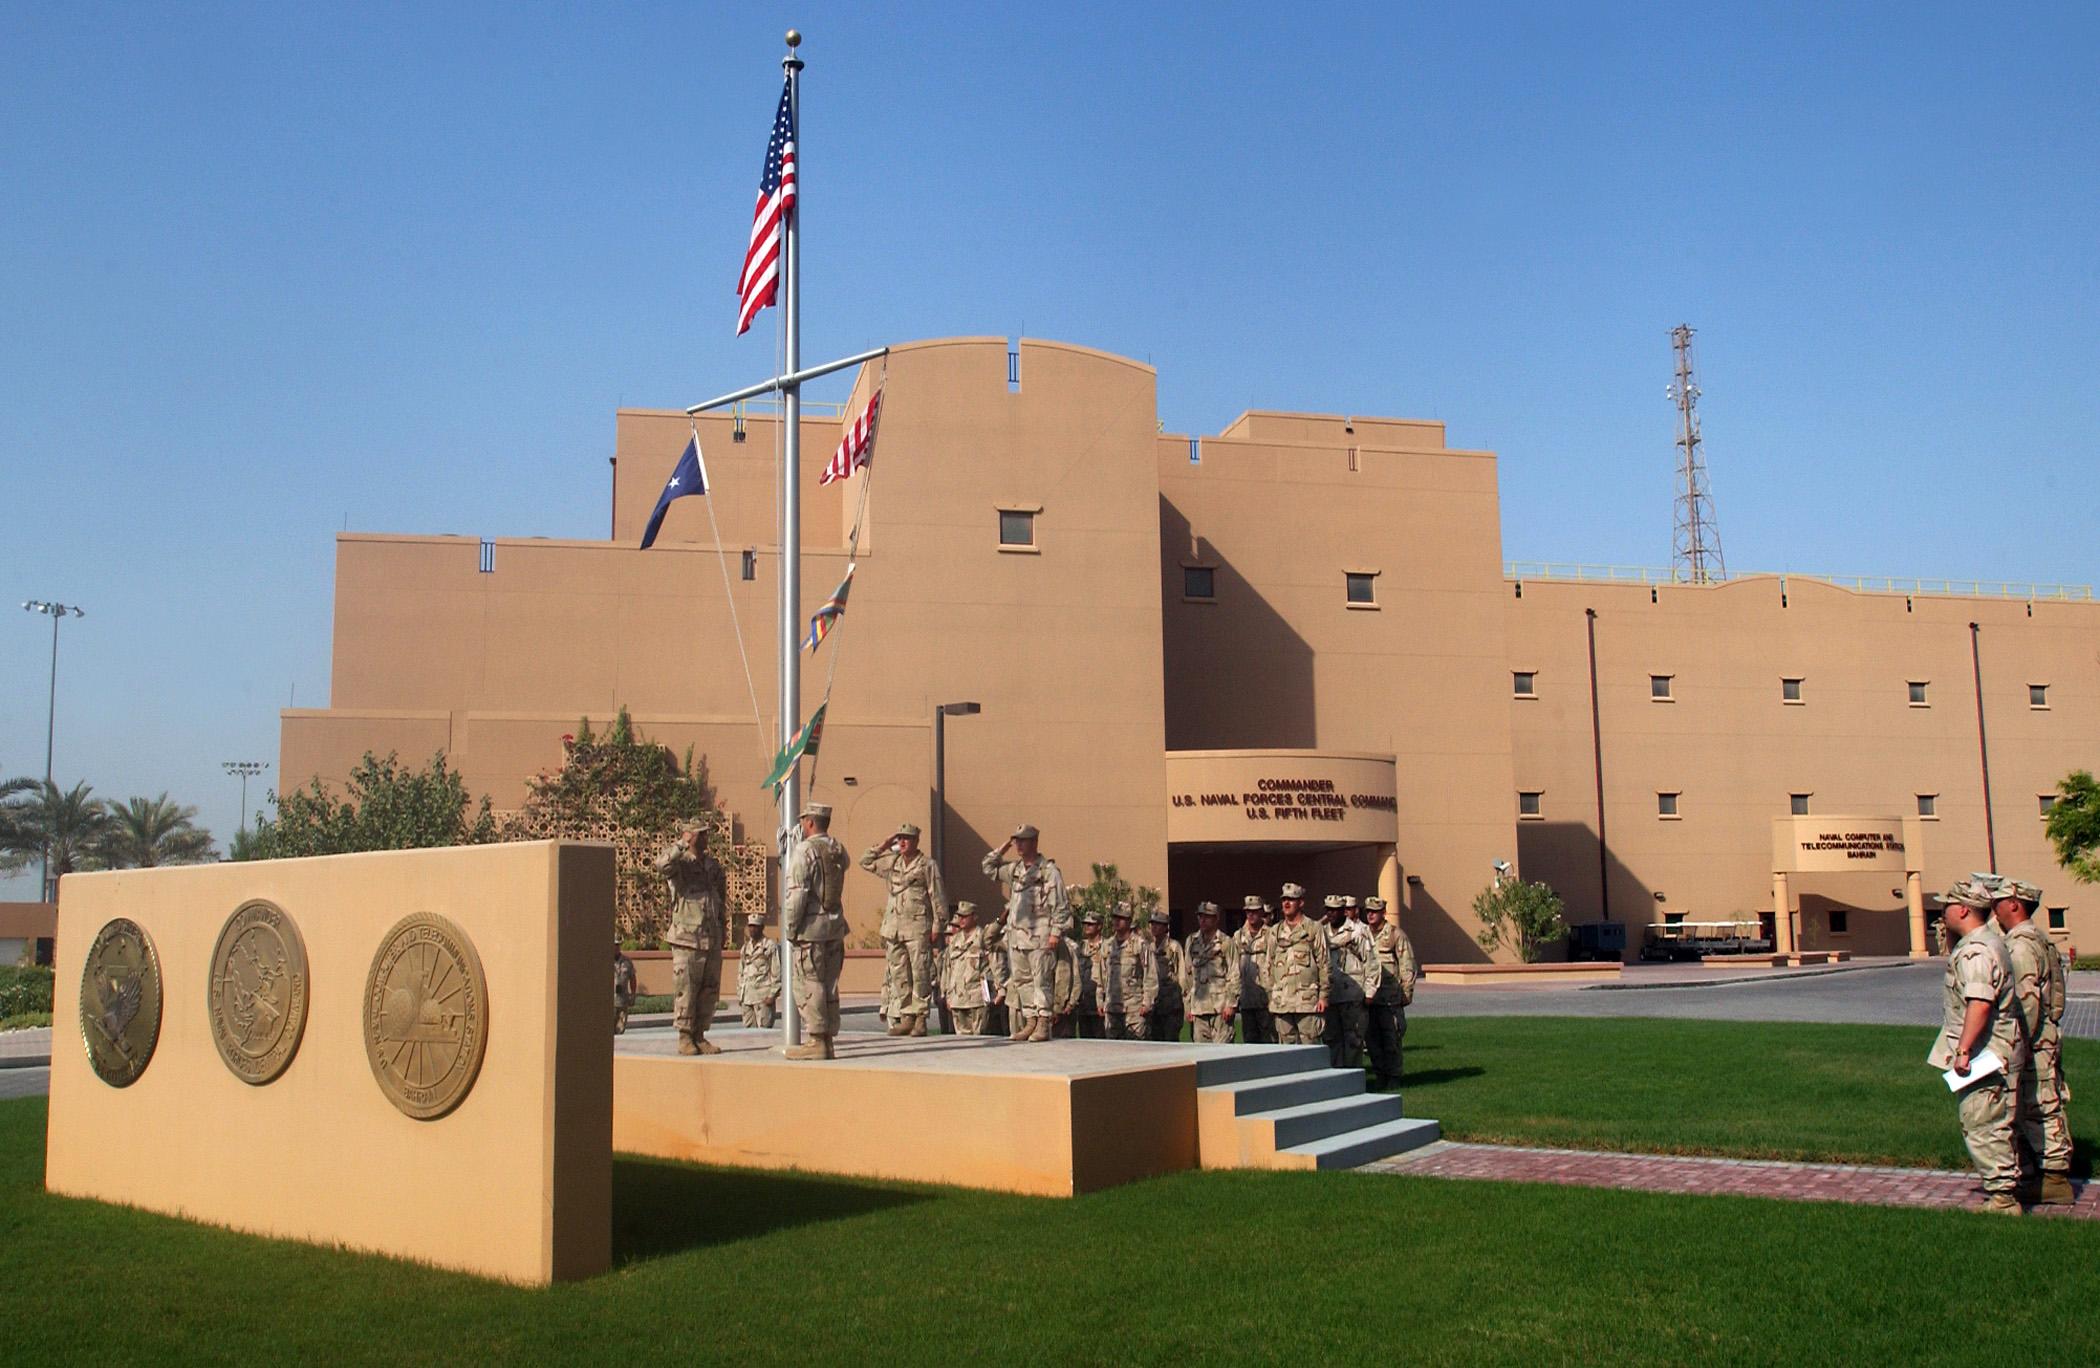 ائتلاف 14 فبرايرعشيّة اليوم الوطنيّ لطرد القاعدة الأمريكيّة من البحرين: متمسّكون بسيادة بلدنا